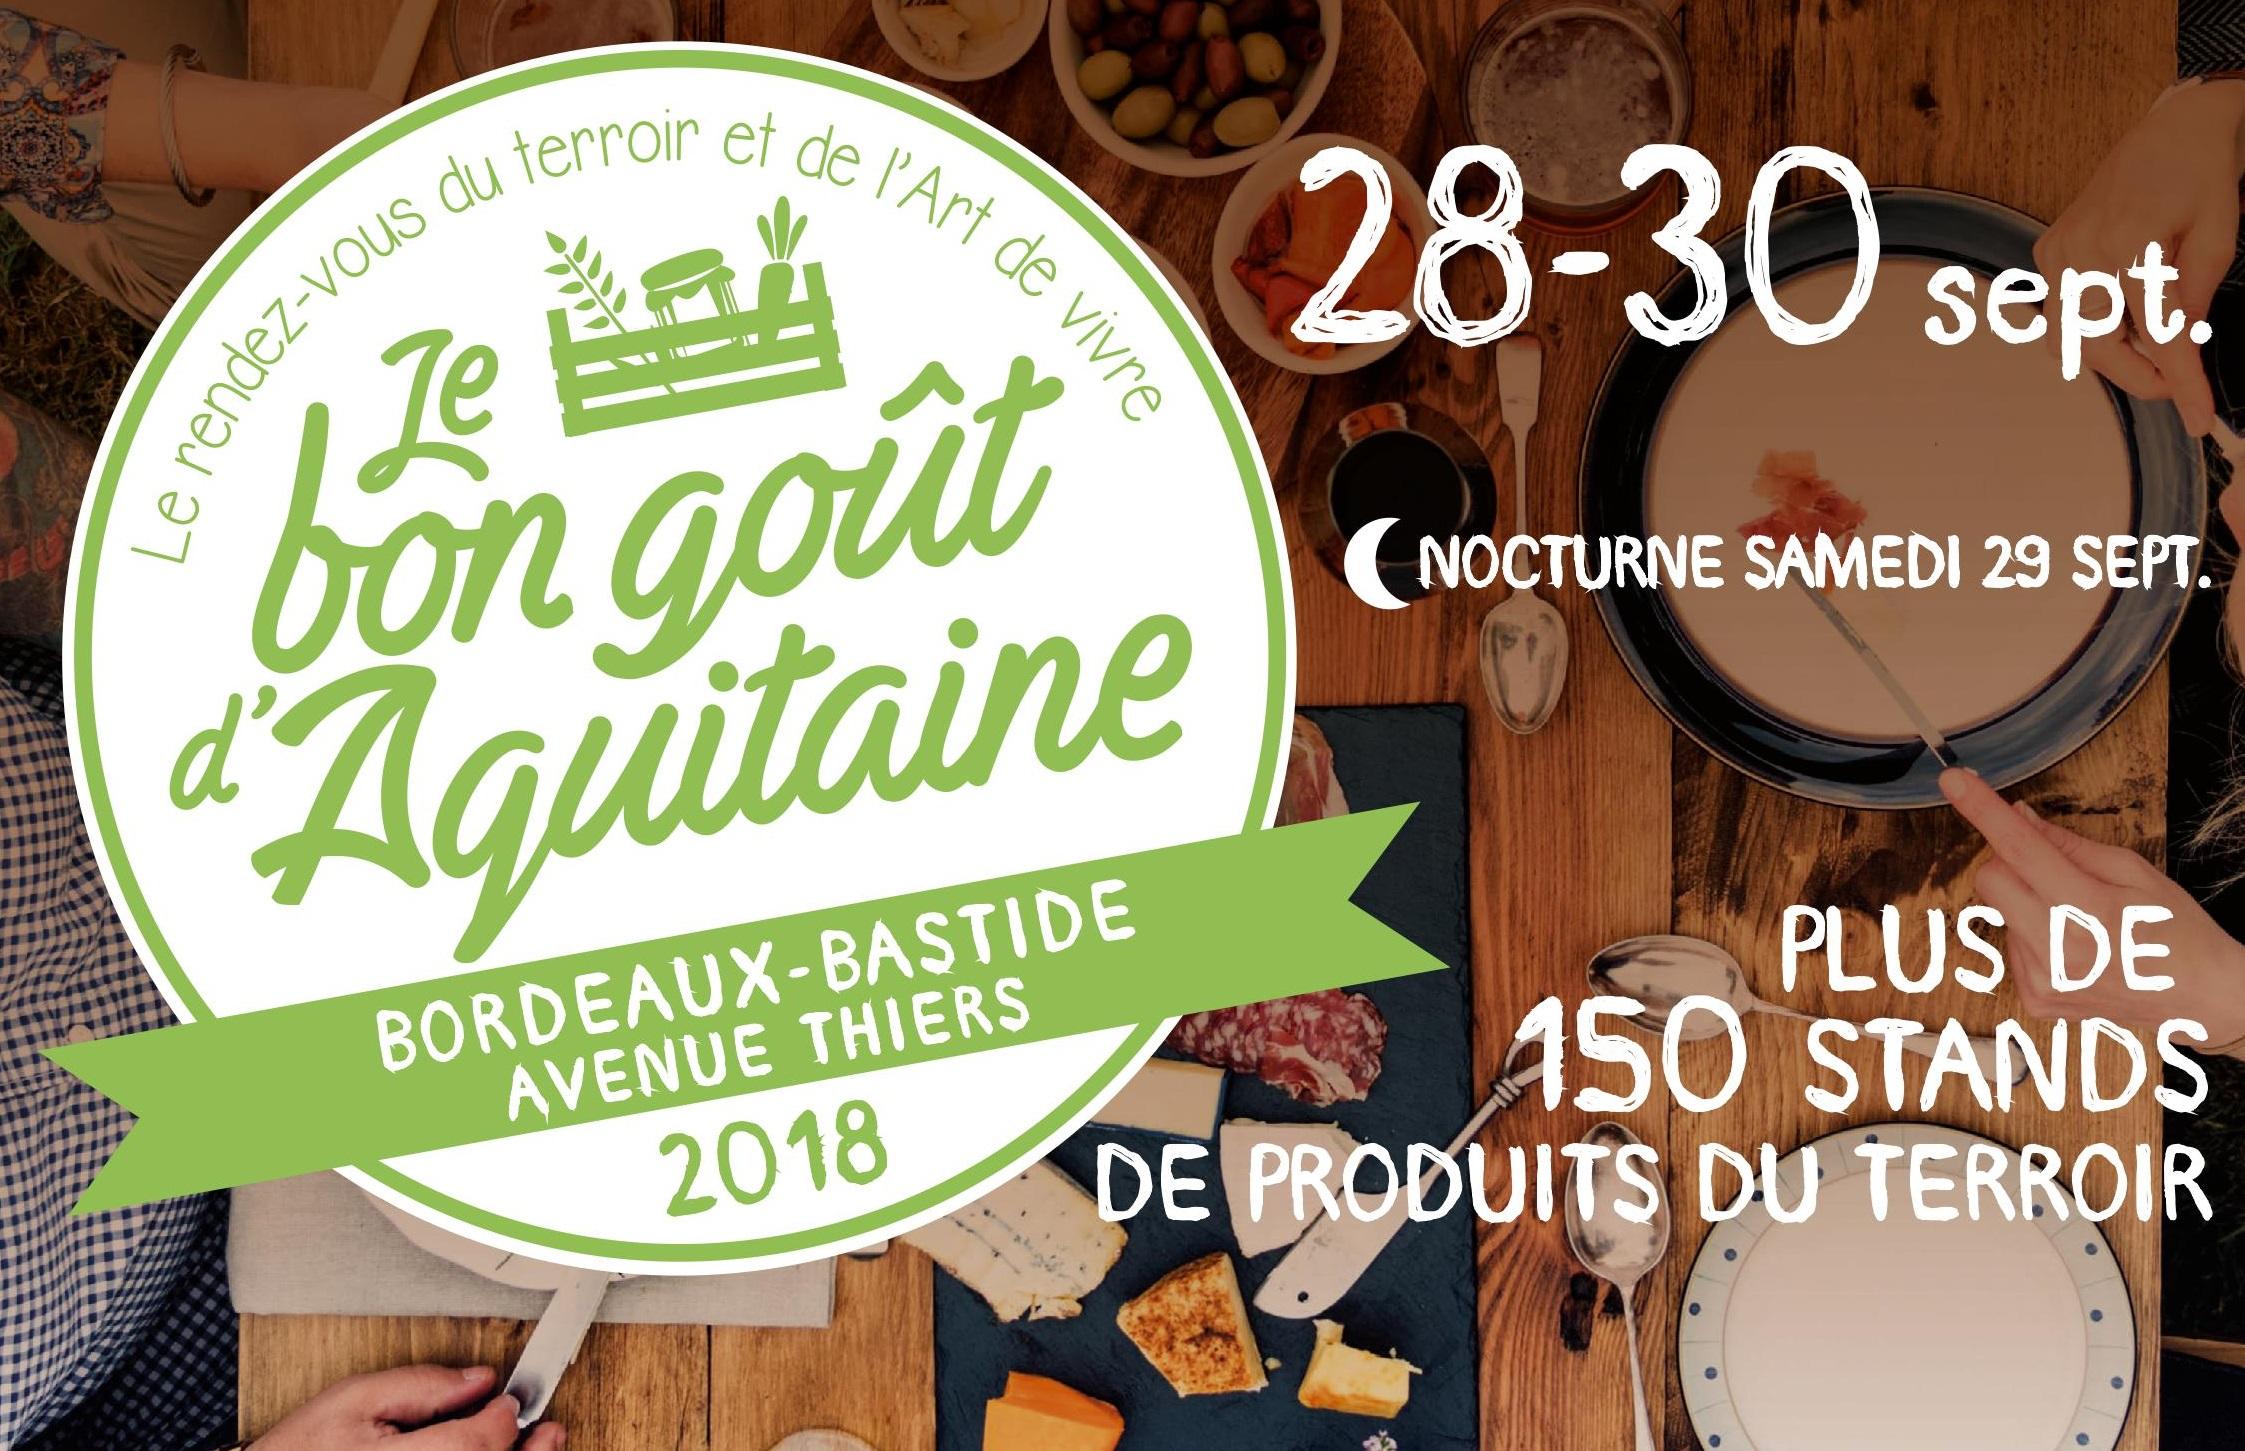 """Résultat de recherche d'images pour """"le bon goût d'aquitaine 2018"""""""